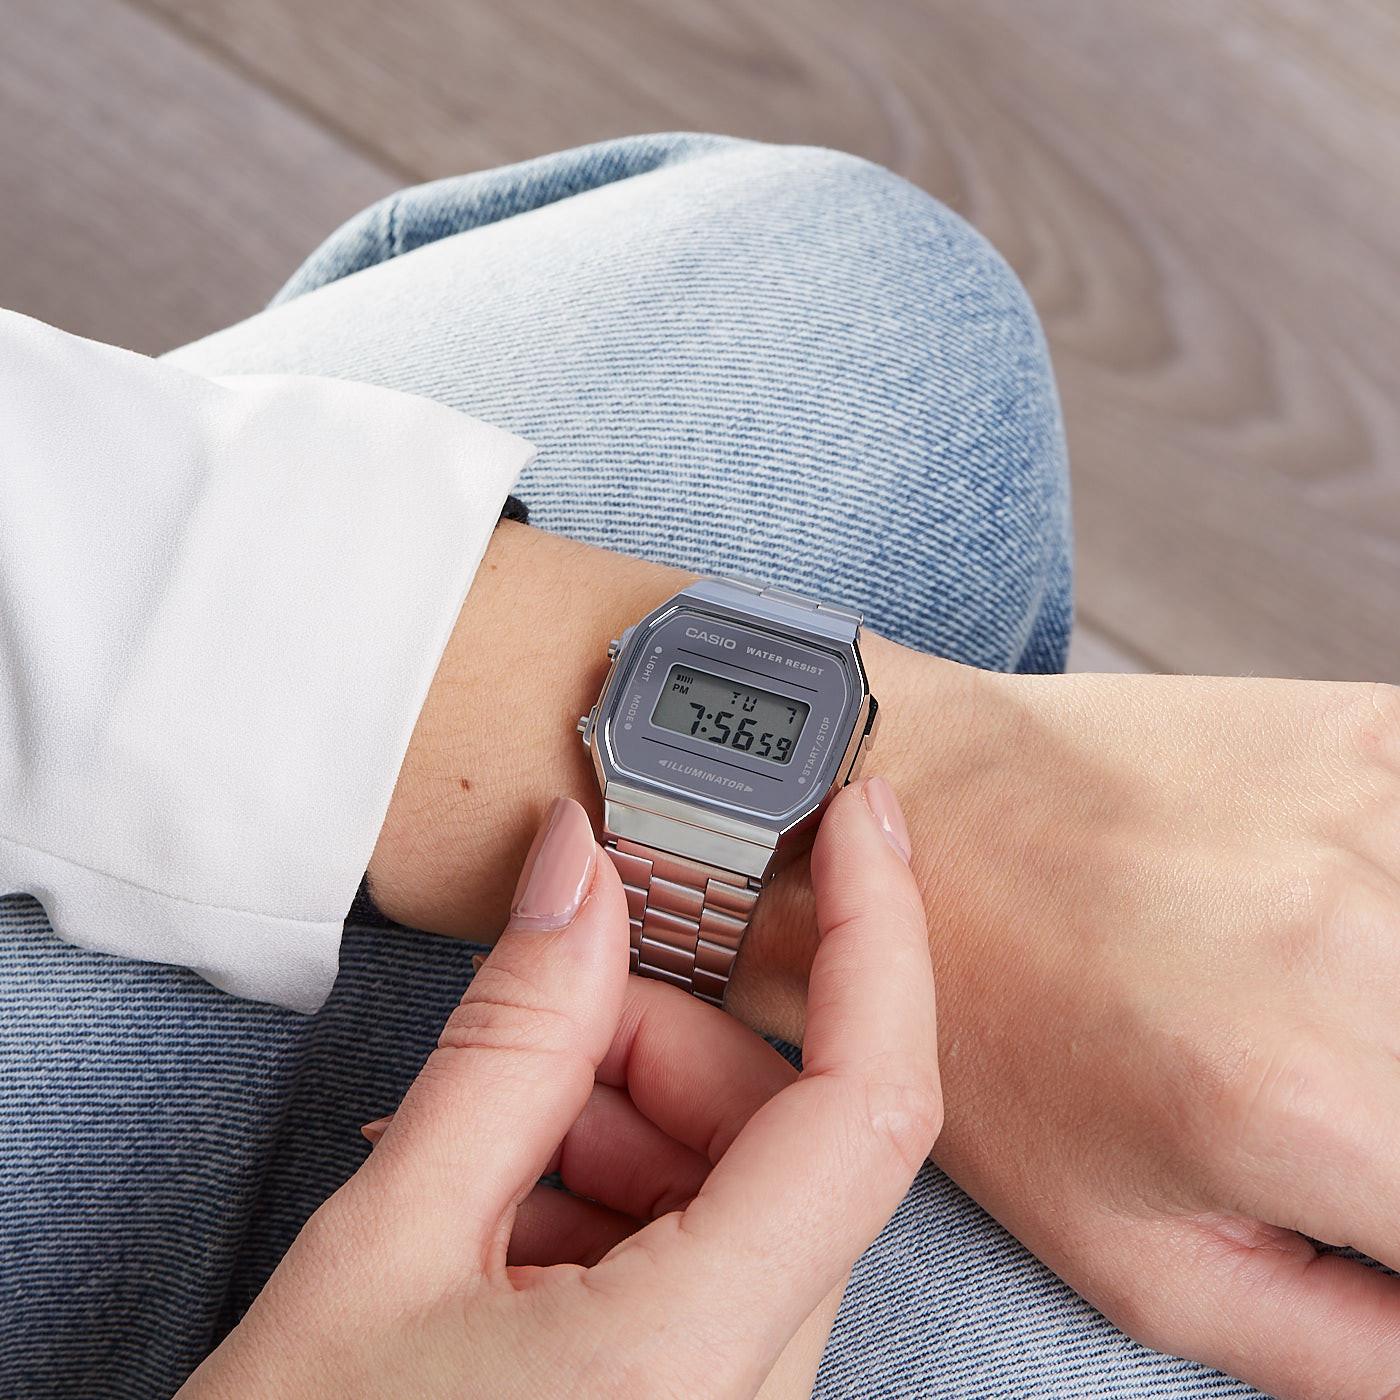 Đồng hồ Casio Vintage là món phụ kiện gây sốt giới trẻ